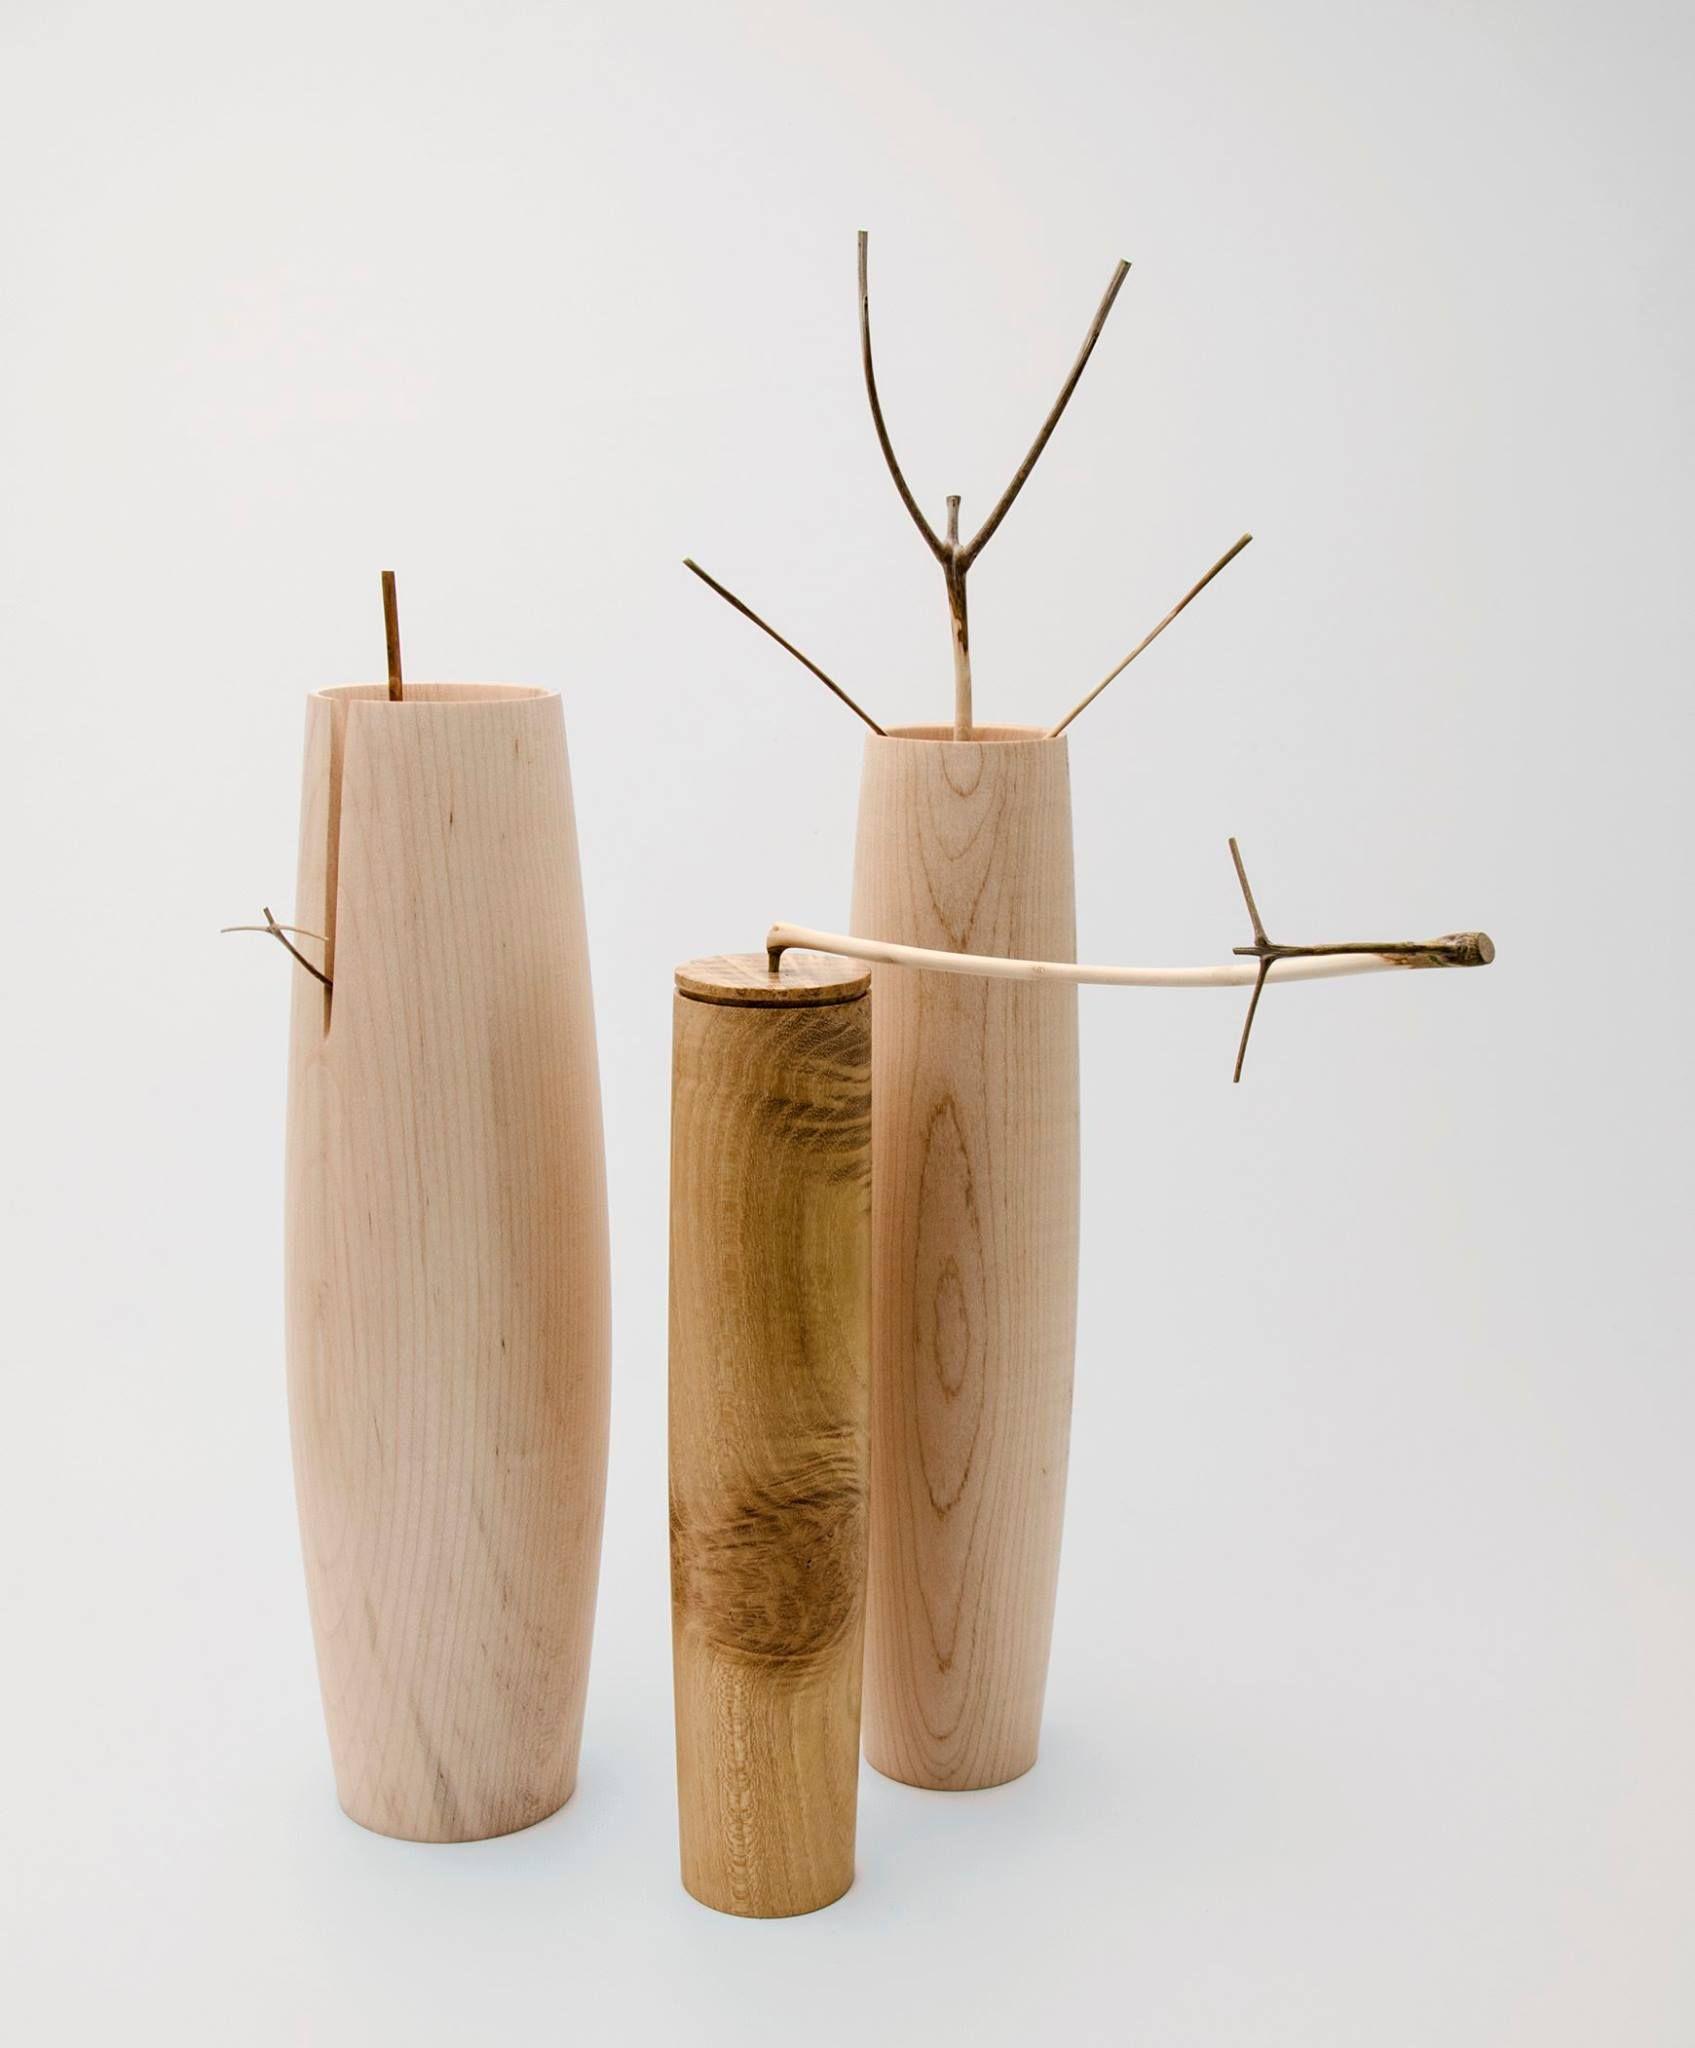 horst kontak goods part of design pinterest. Black Bedroom Furniture Sets. Home Design Ideas